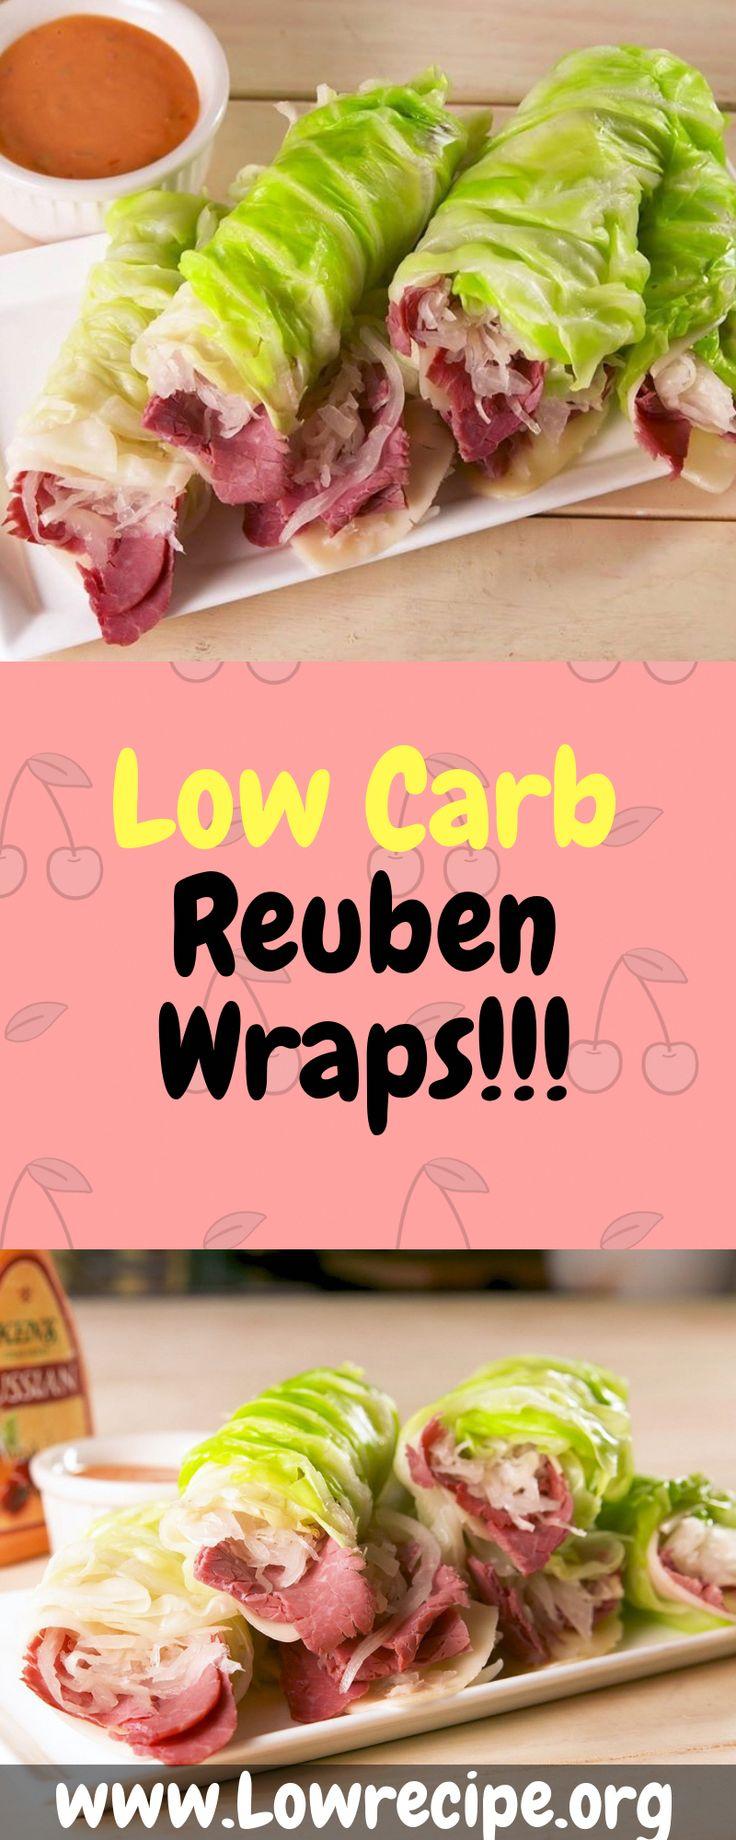 Low Carb Diet Recipes Uk LowCarbDessertRecipes No carb